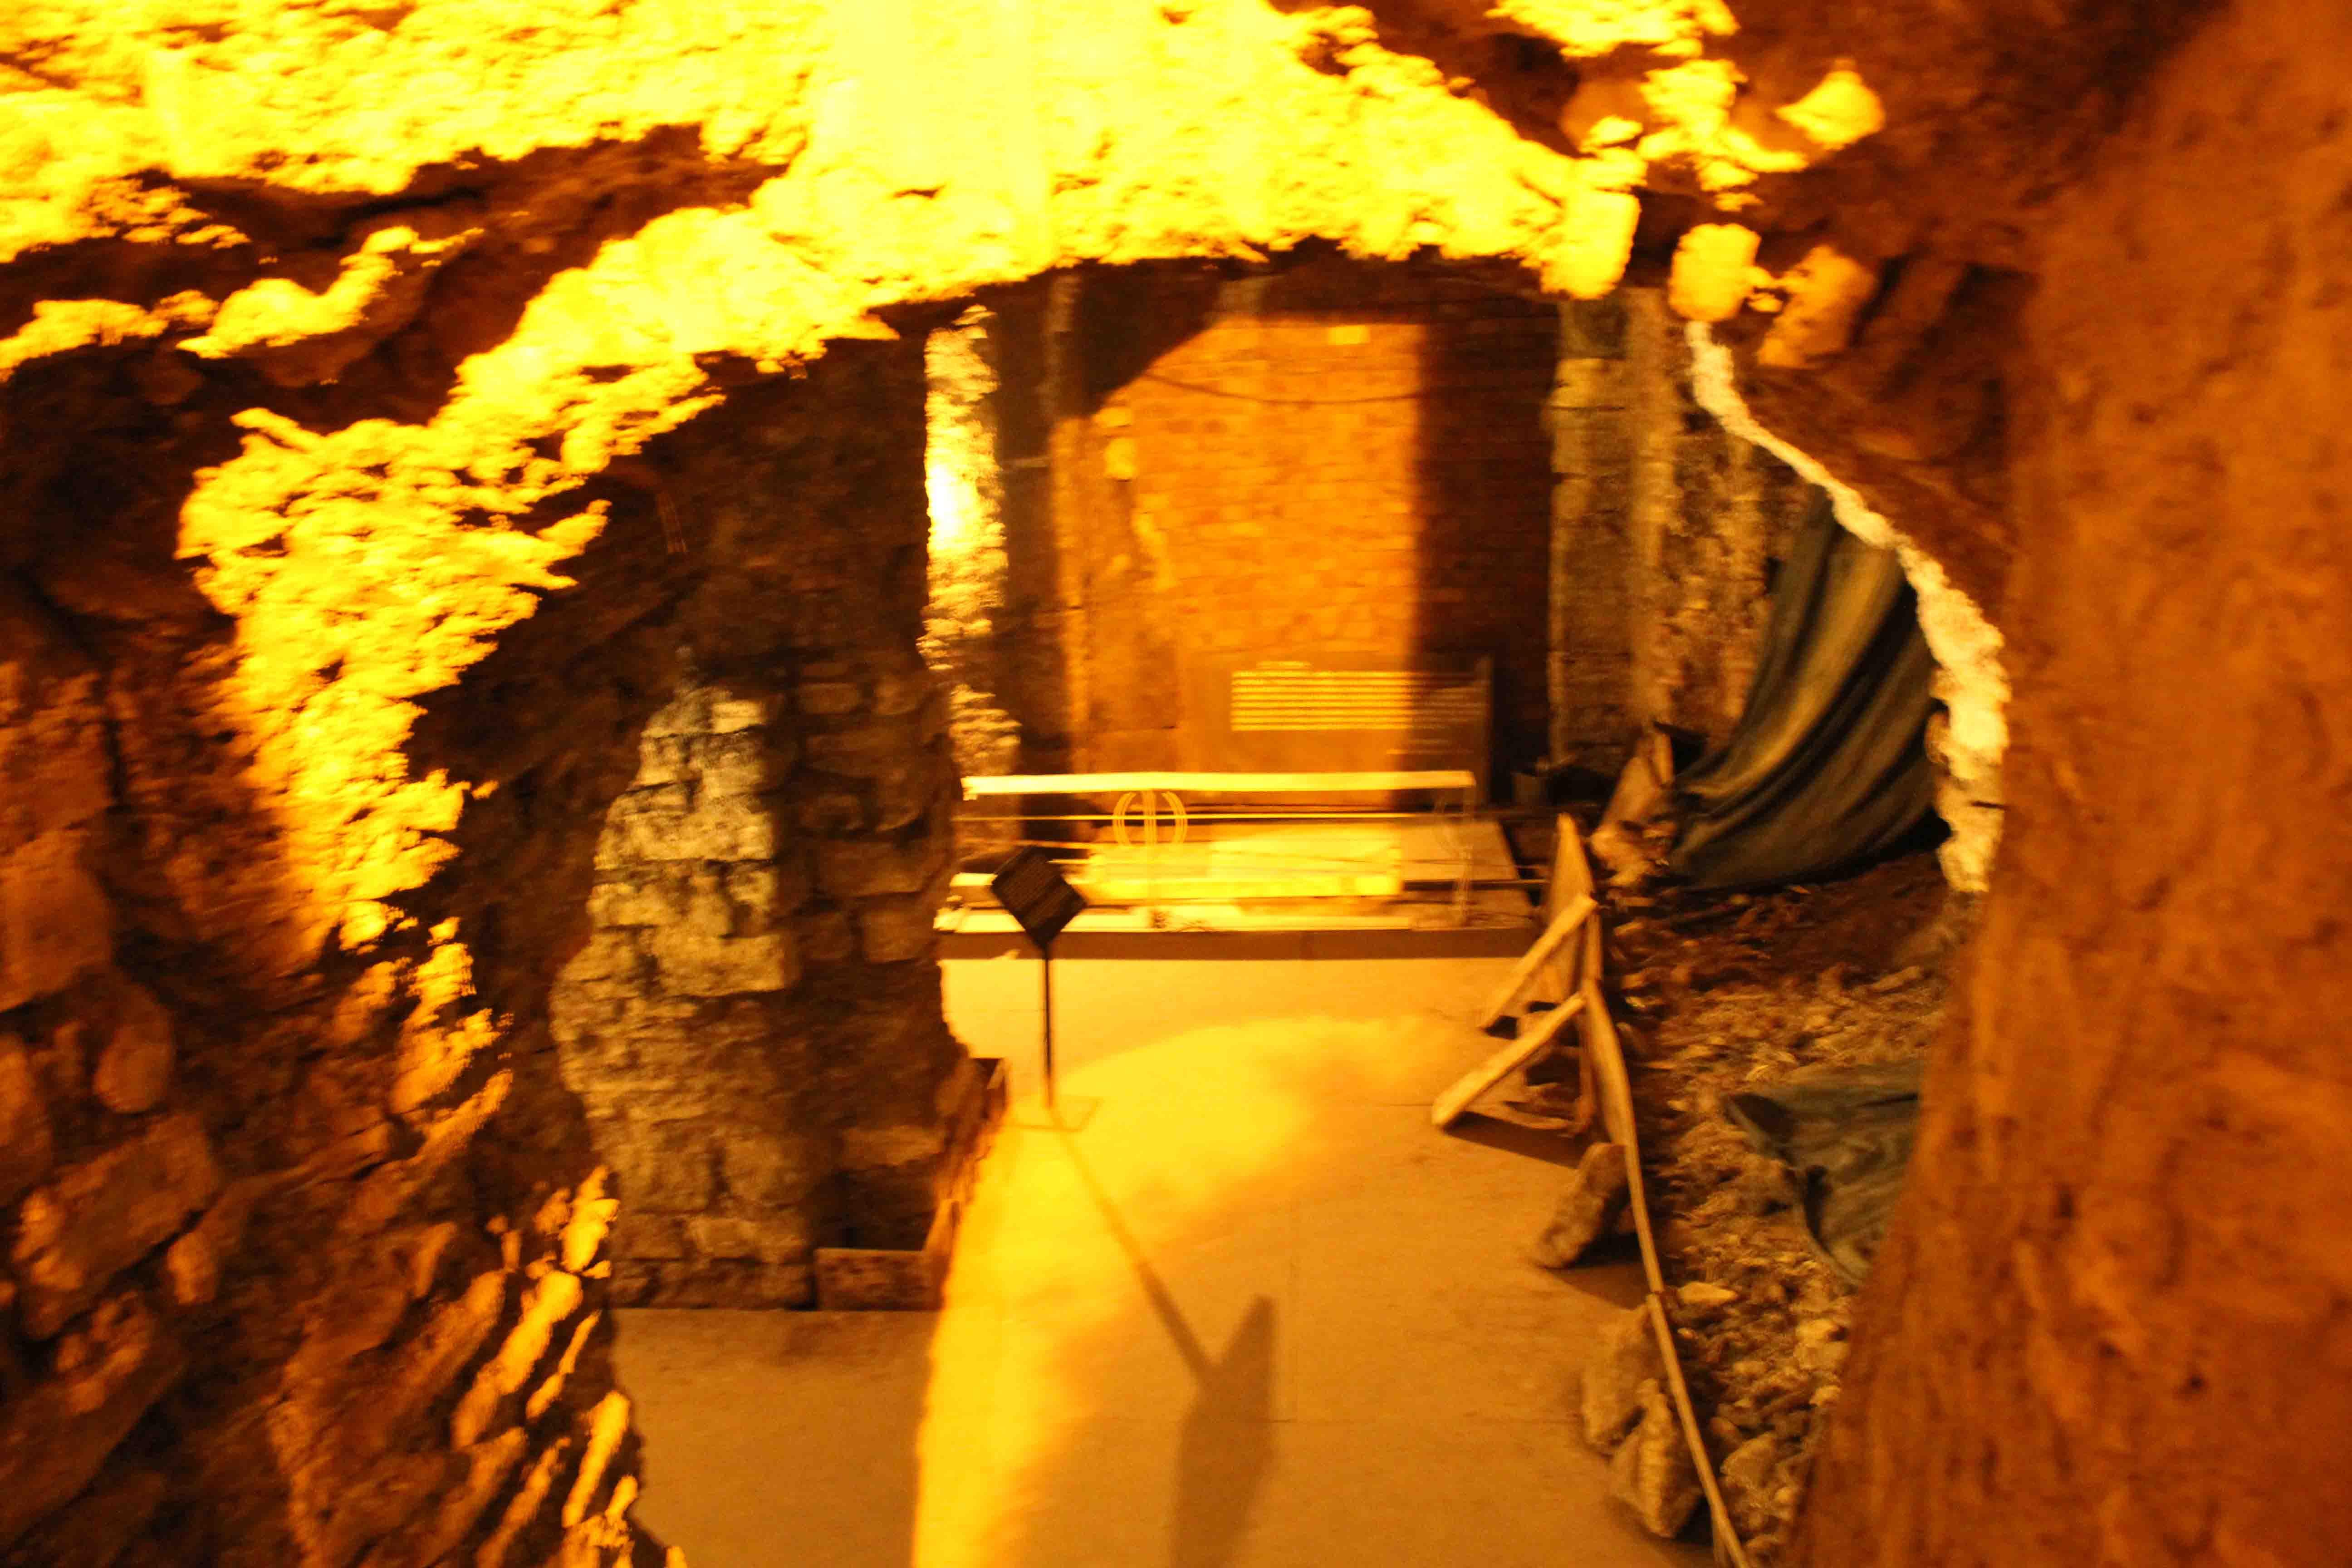 https://www.alburakathisma.com/images/galeri/orjinal/albura-Cistern-86.jpg